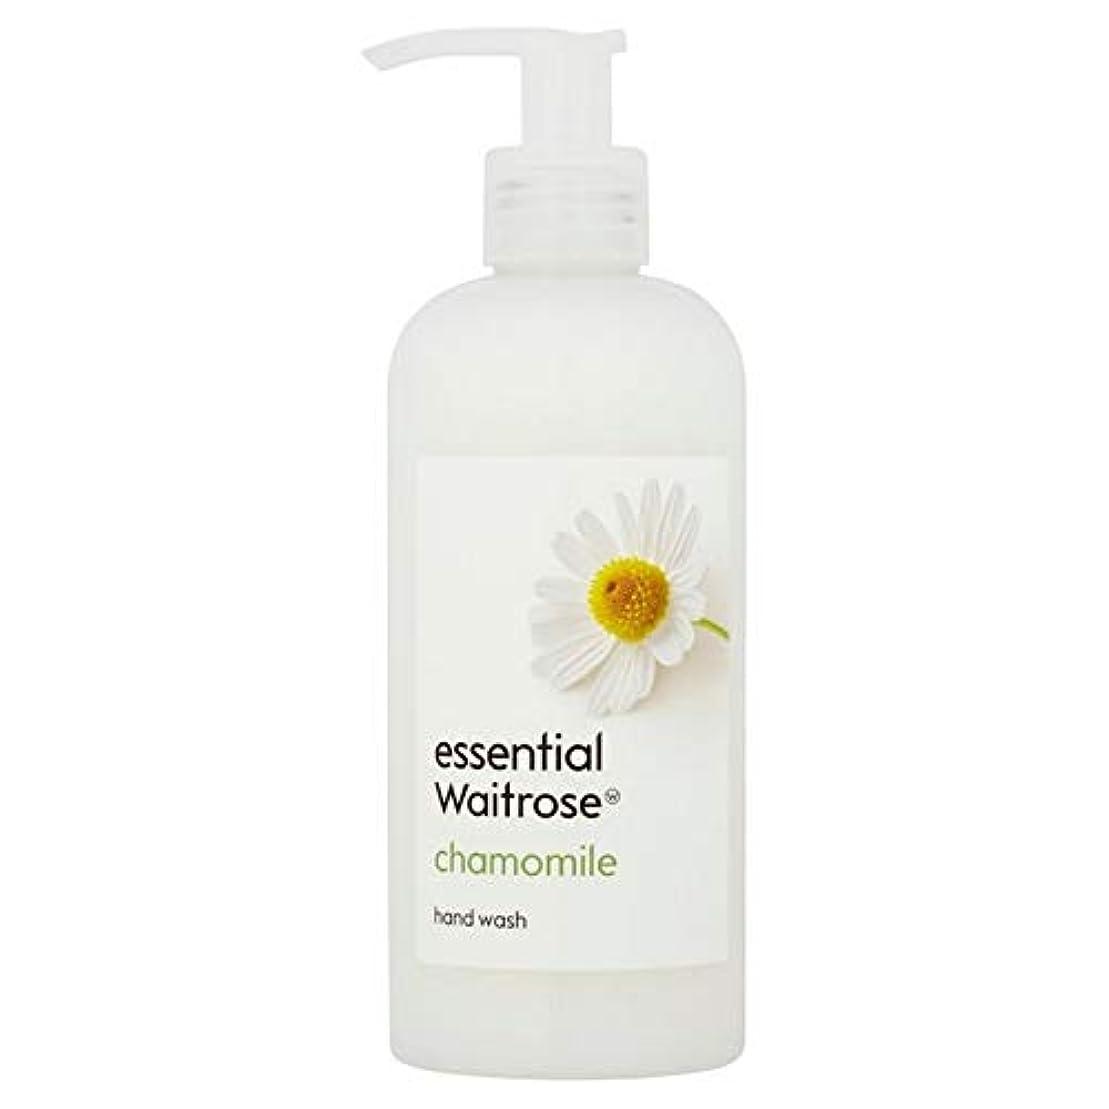 狼山同封する[Waitrose ] 基本的なウェイトローズのハンドウォッシュカモミール300ミリリットル - Essential Waitrose Hand Wash Chamomile 300ml [並行輸入品]